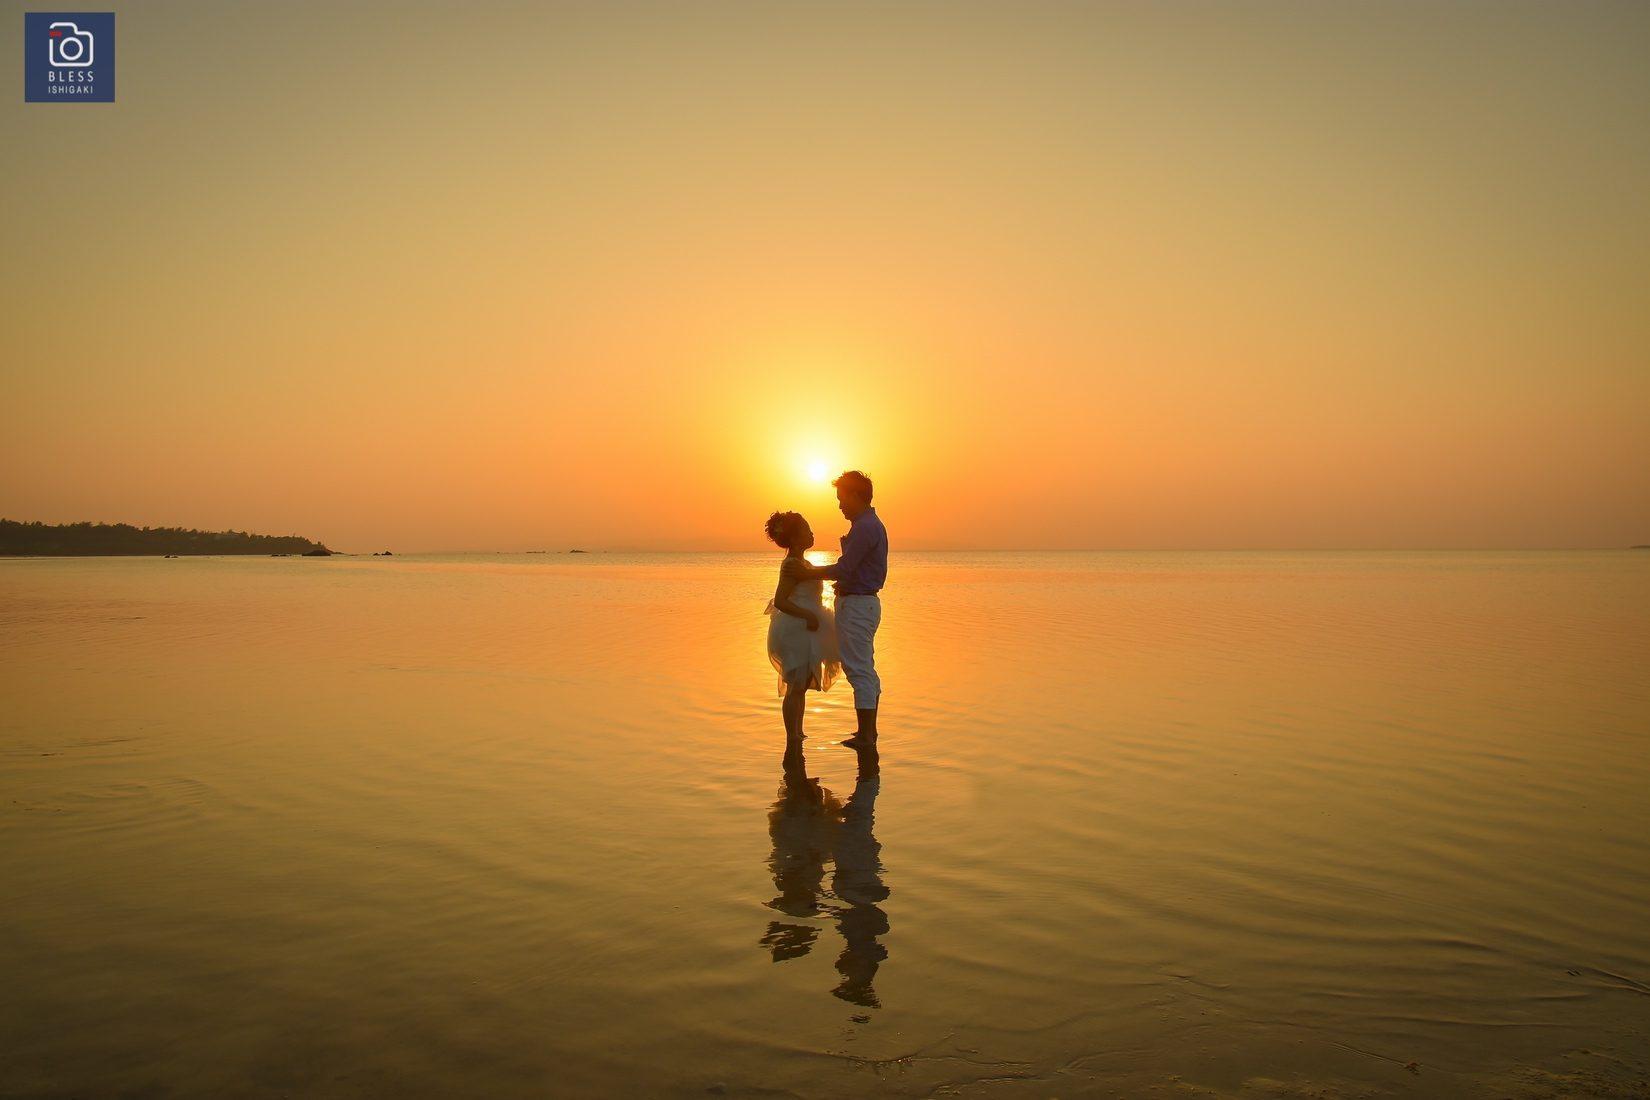 【お客様レポ#4】Y&N様のビーチフォト@川平タバガー&サンセットビーチ